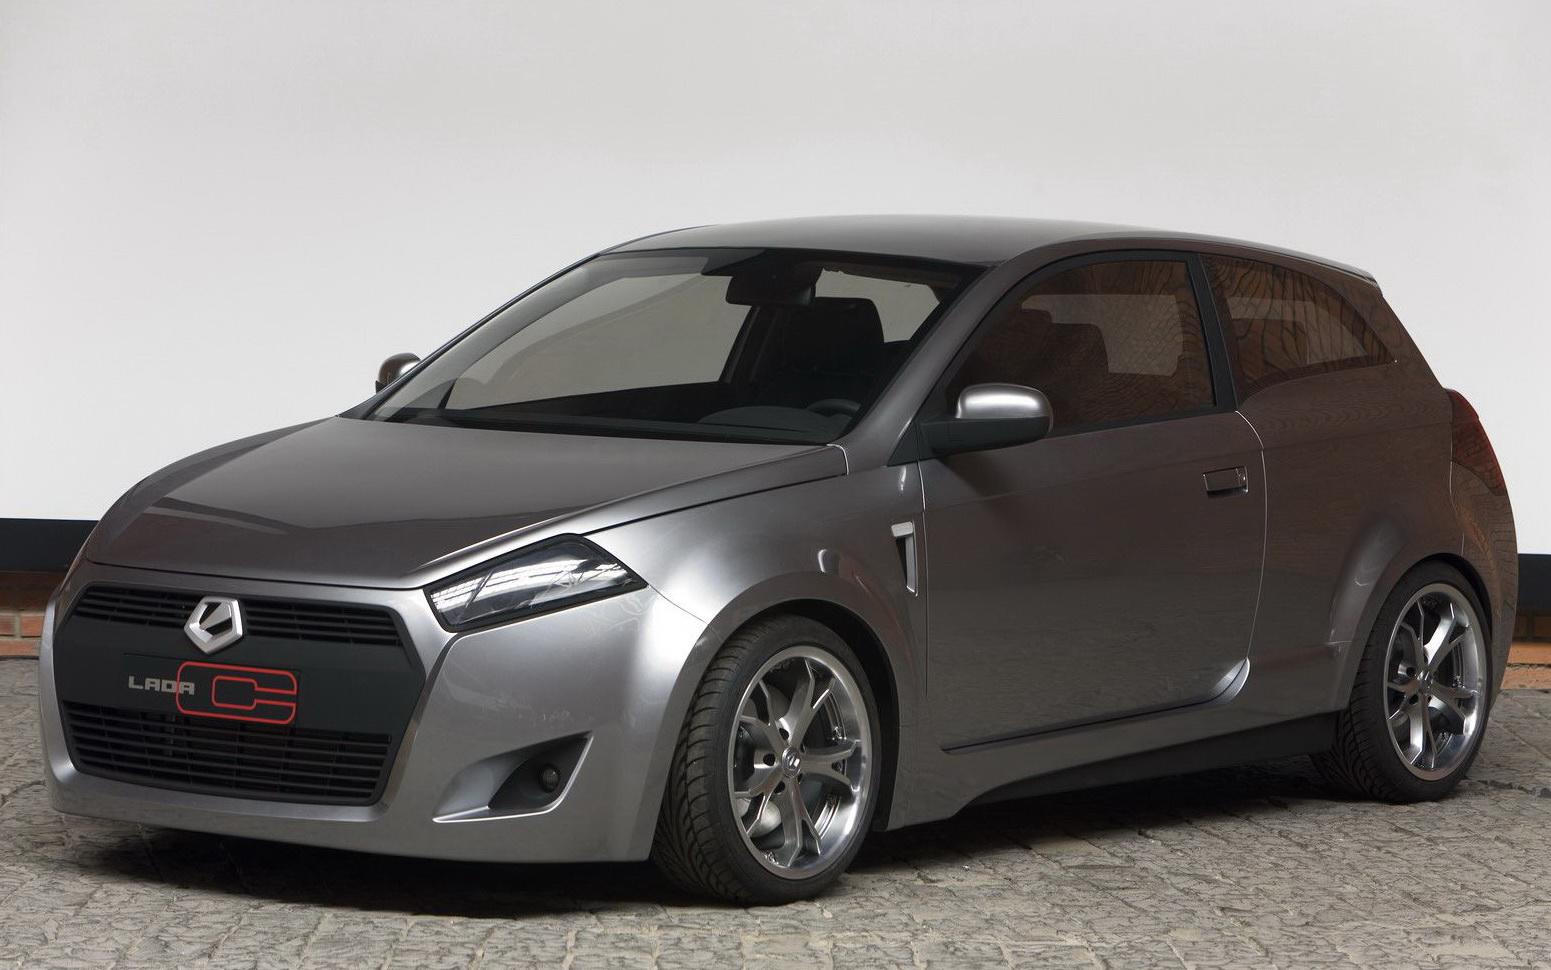 Автомобили Лада стали лидером нарынке подержанных авто Cкласса